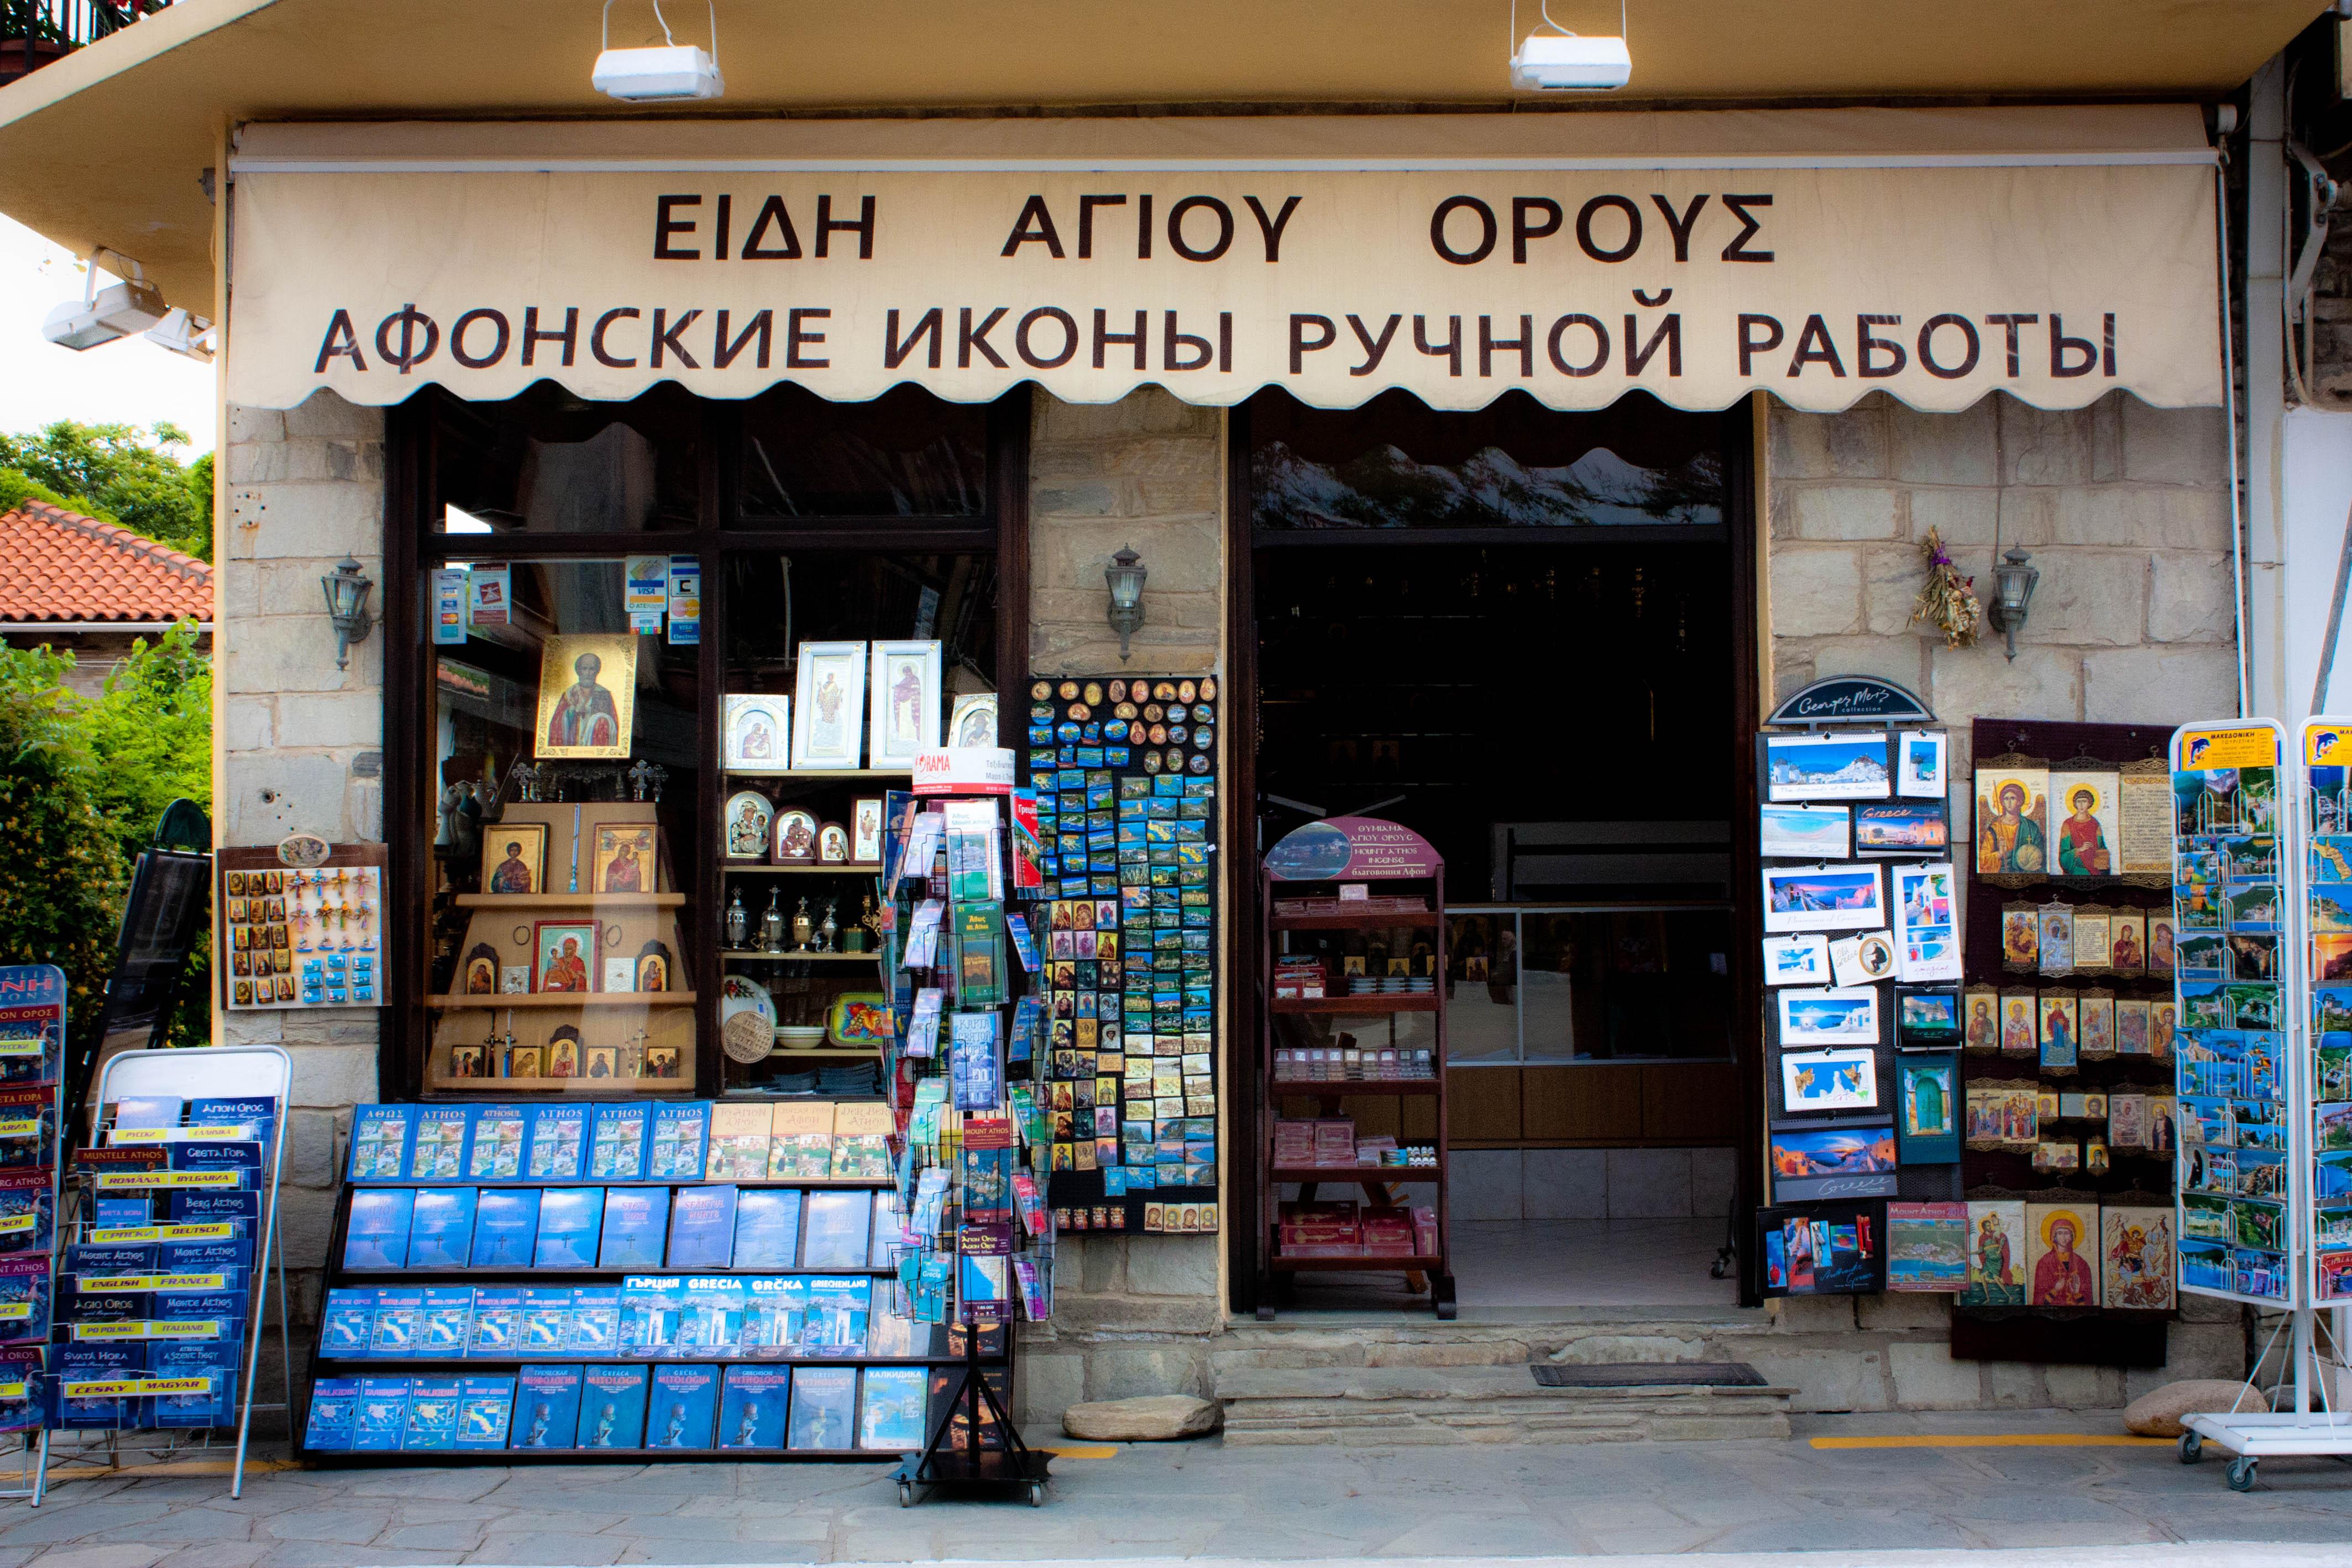 Метеоры в греции фото туристов следов